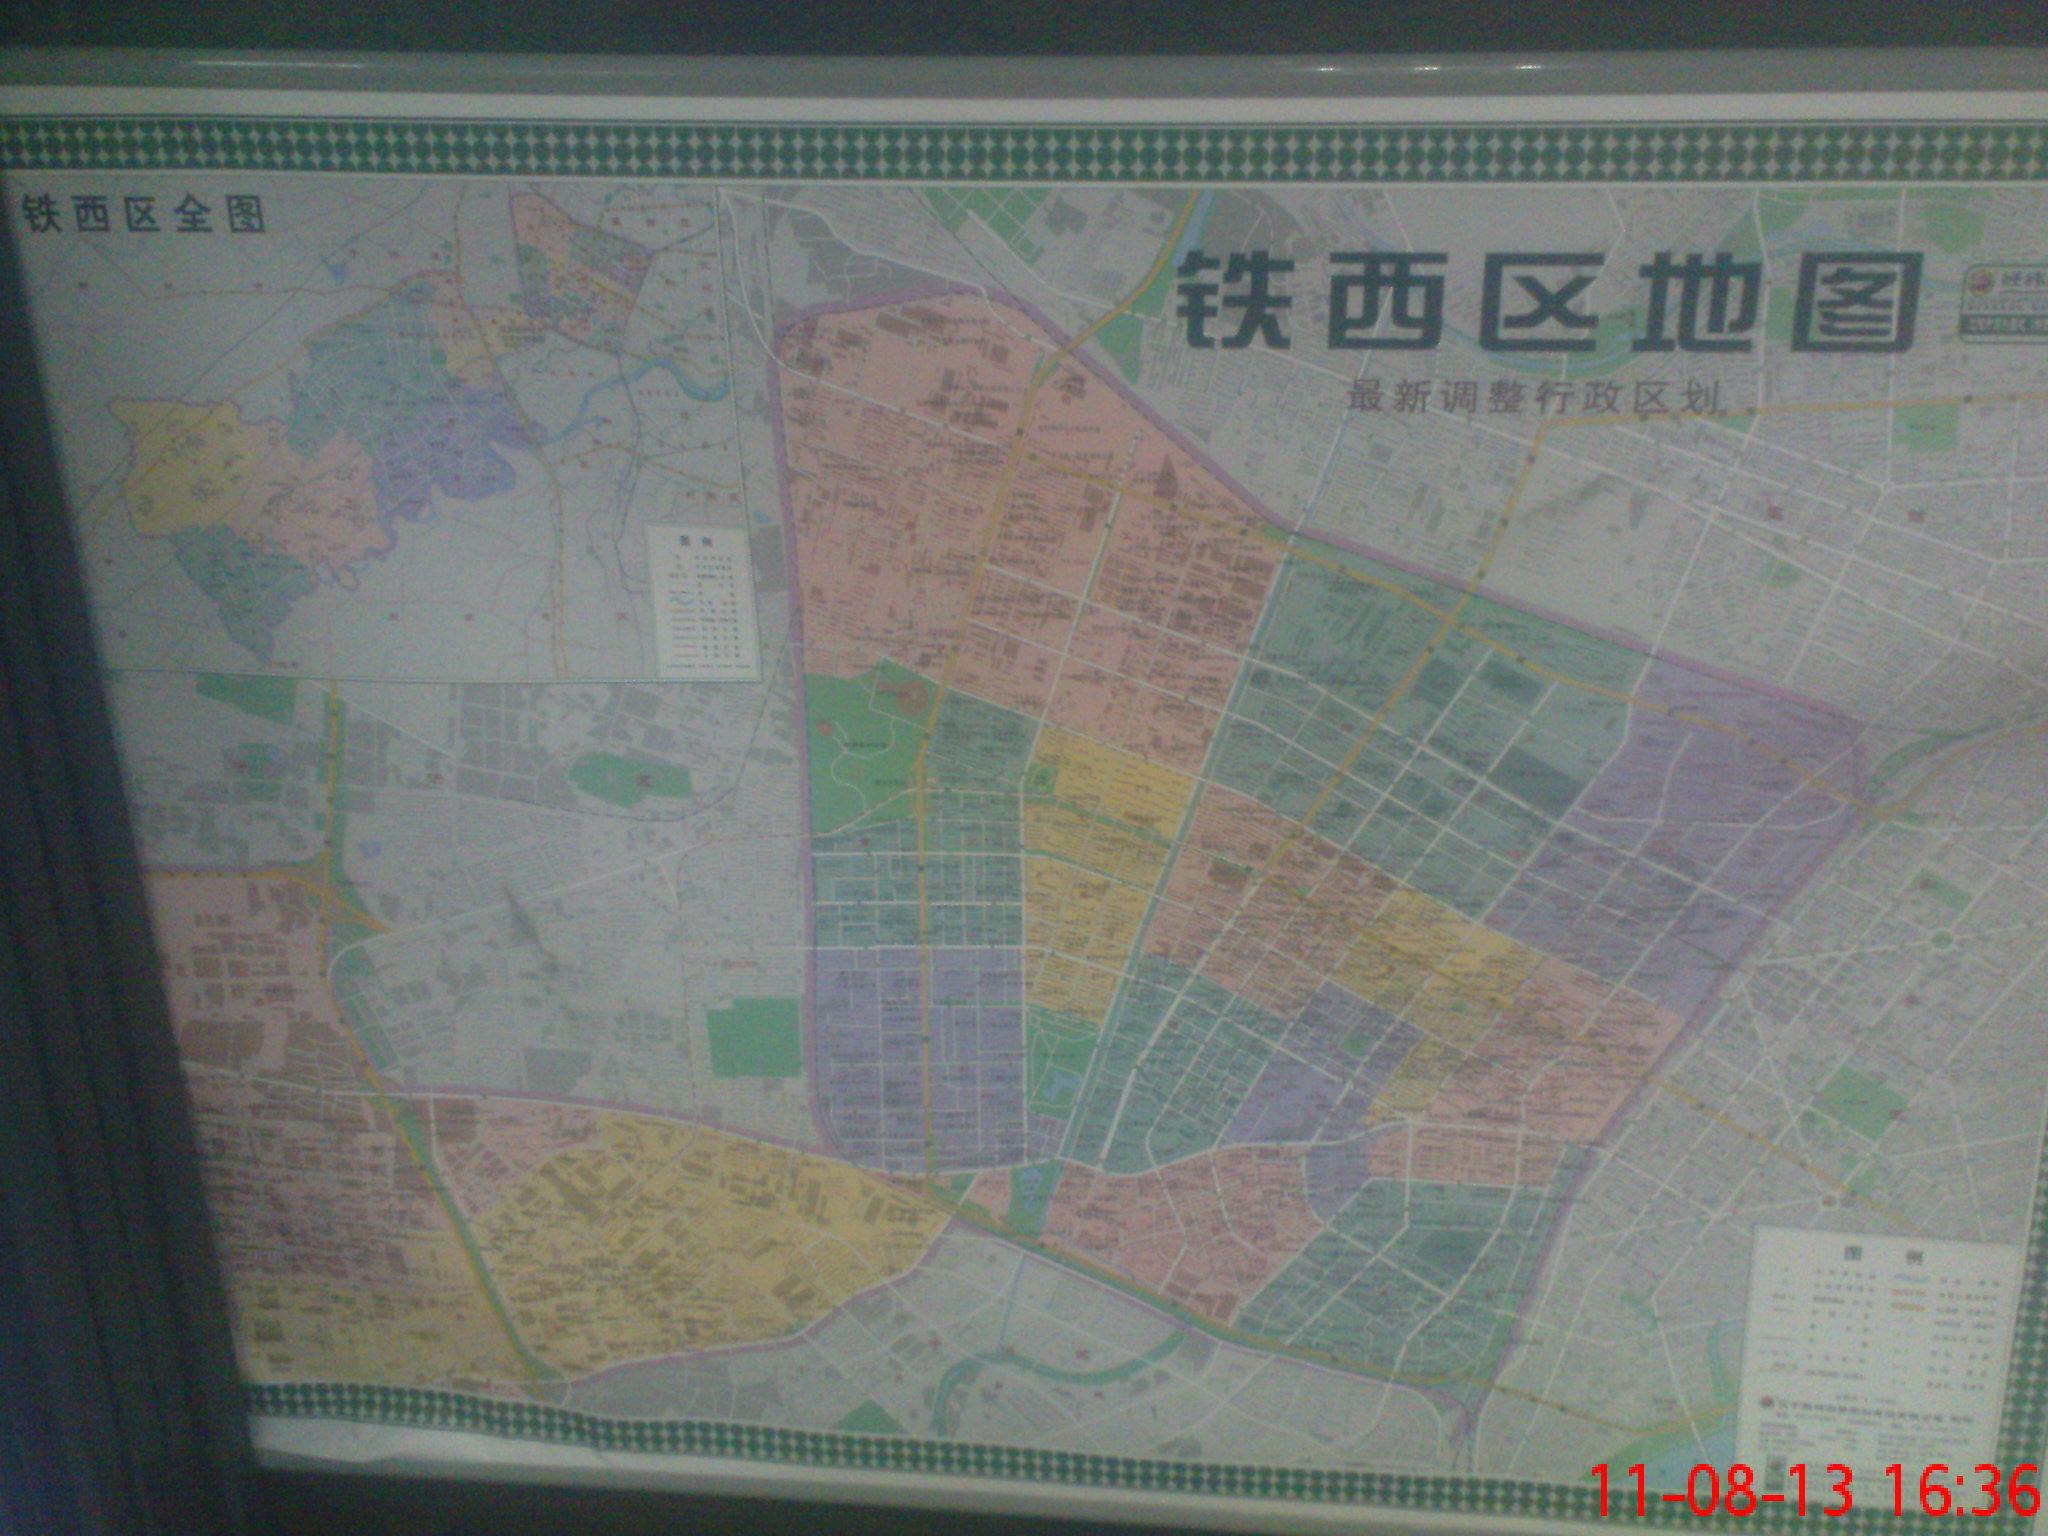 沈阳市各区最新调整行政区划地图(不给力的手机照的,很不清晰,凑合看图片